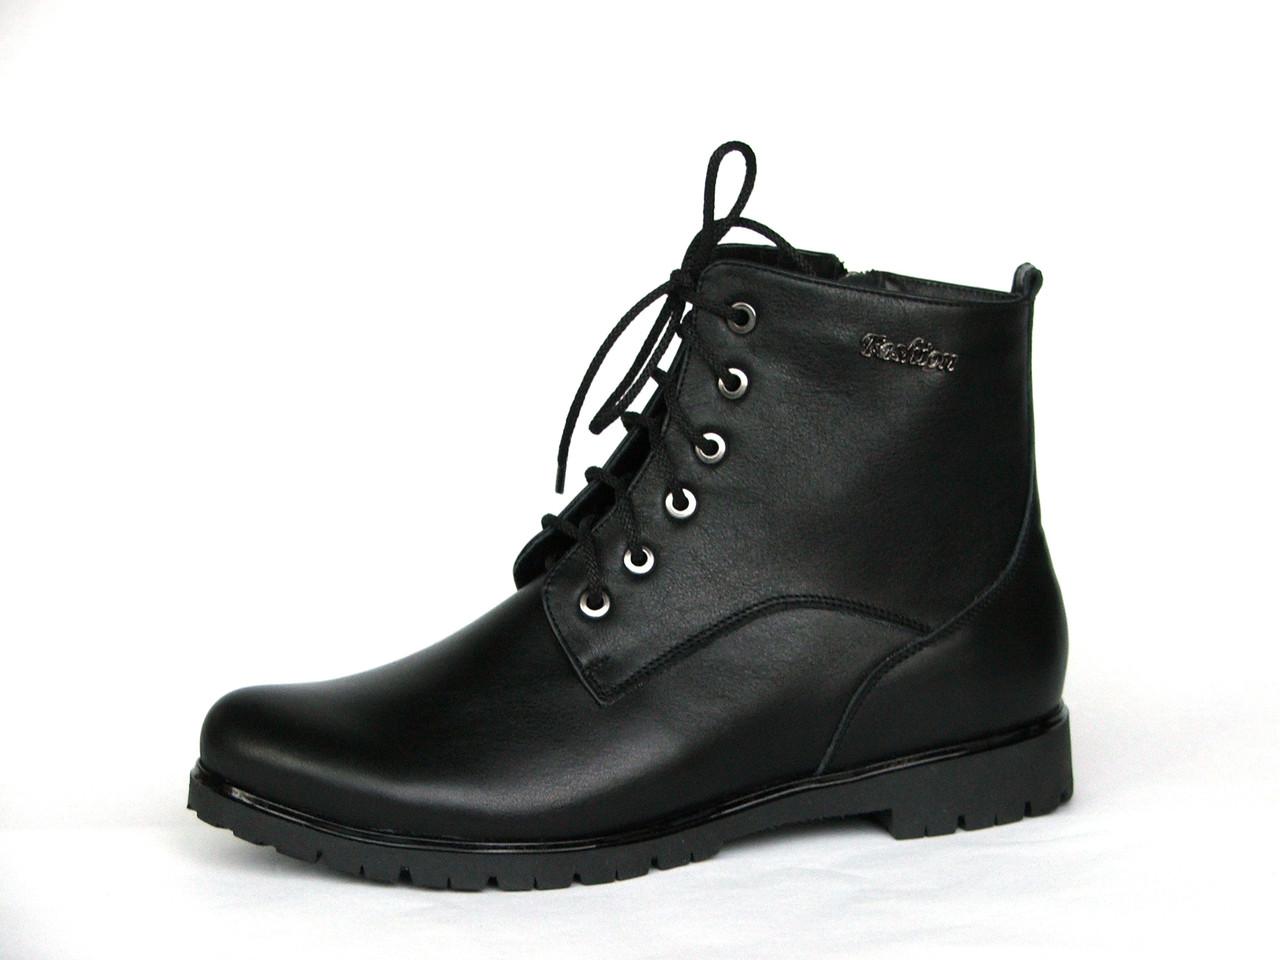 Женские демисезонные ботинки из матовой кожи со шнуровкой